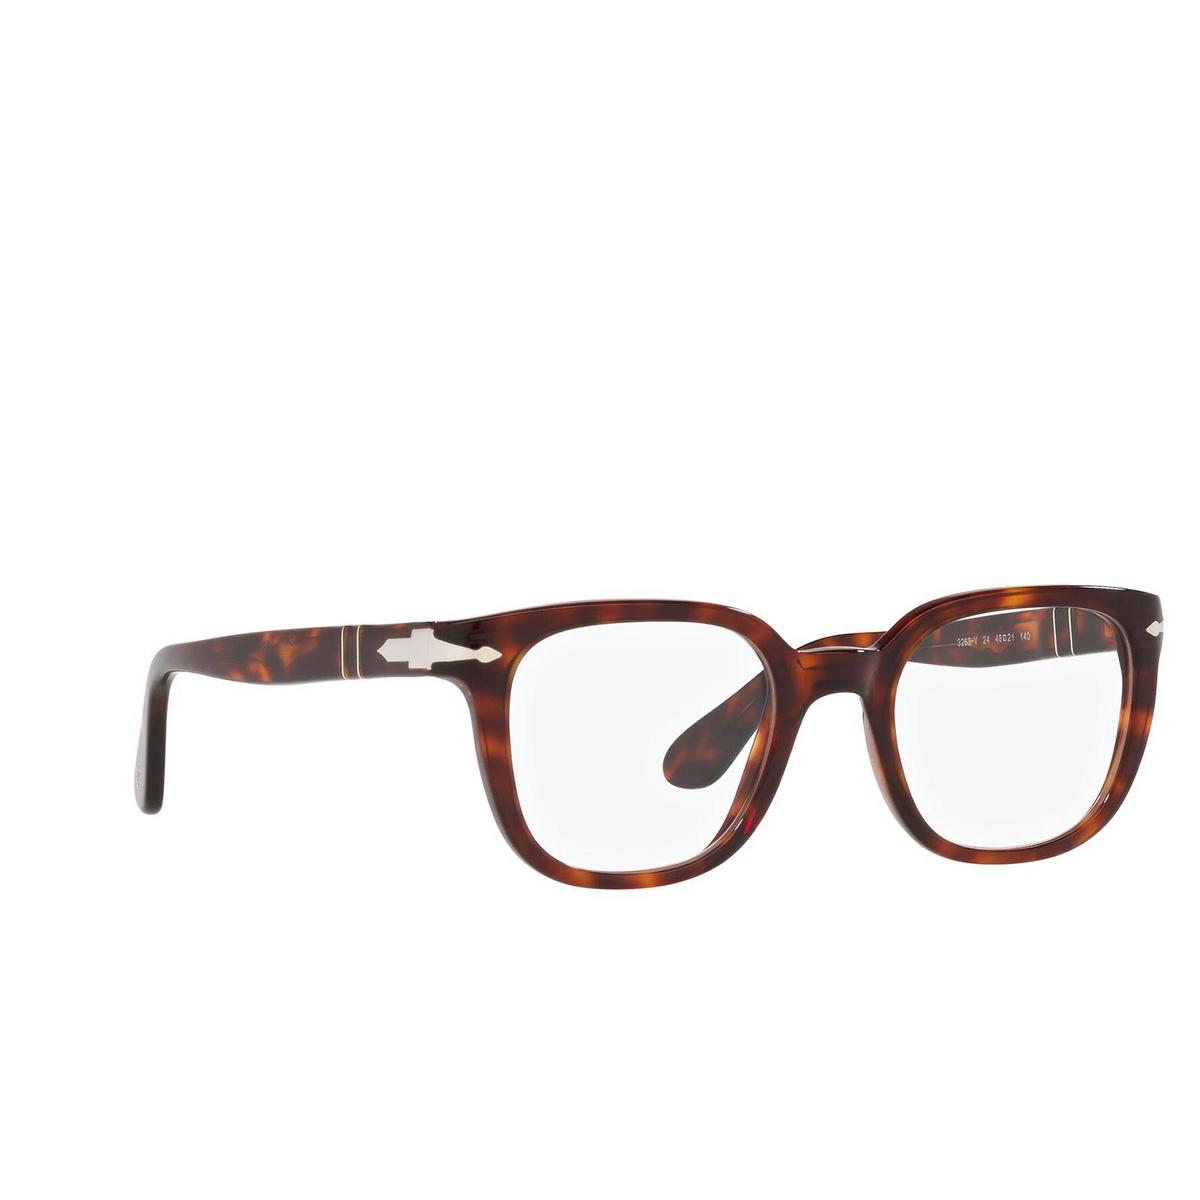 Persol® Square Eyeglasses: PO3263V color Havana 24 - three-quarters view.